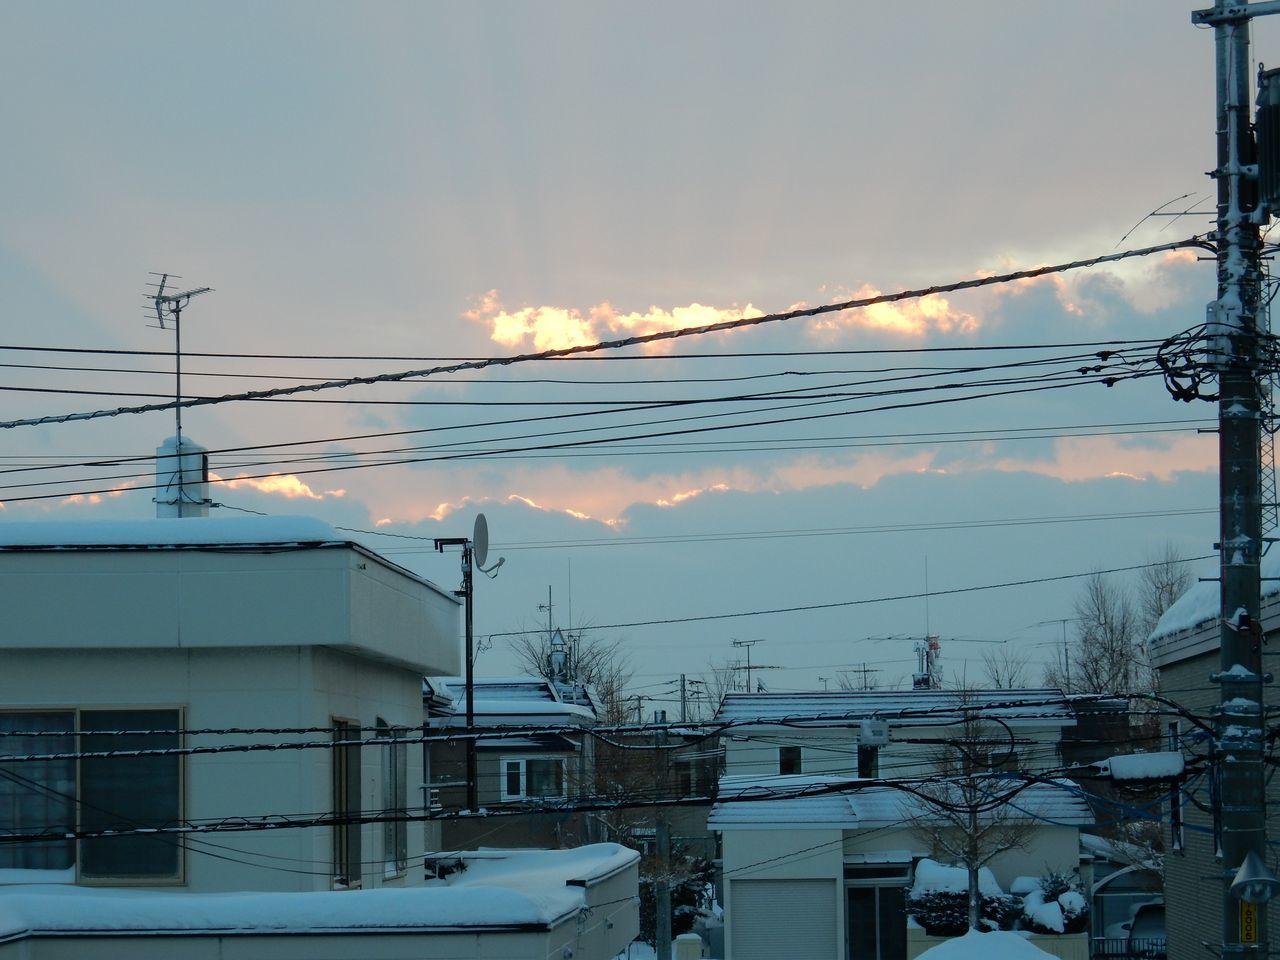 朝なのに夕焼けみたい_c0025115_19320723.jpg